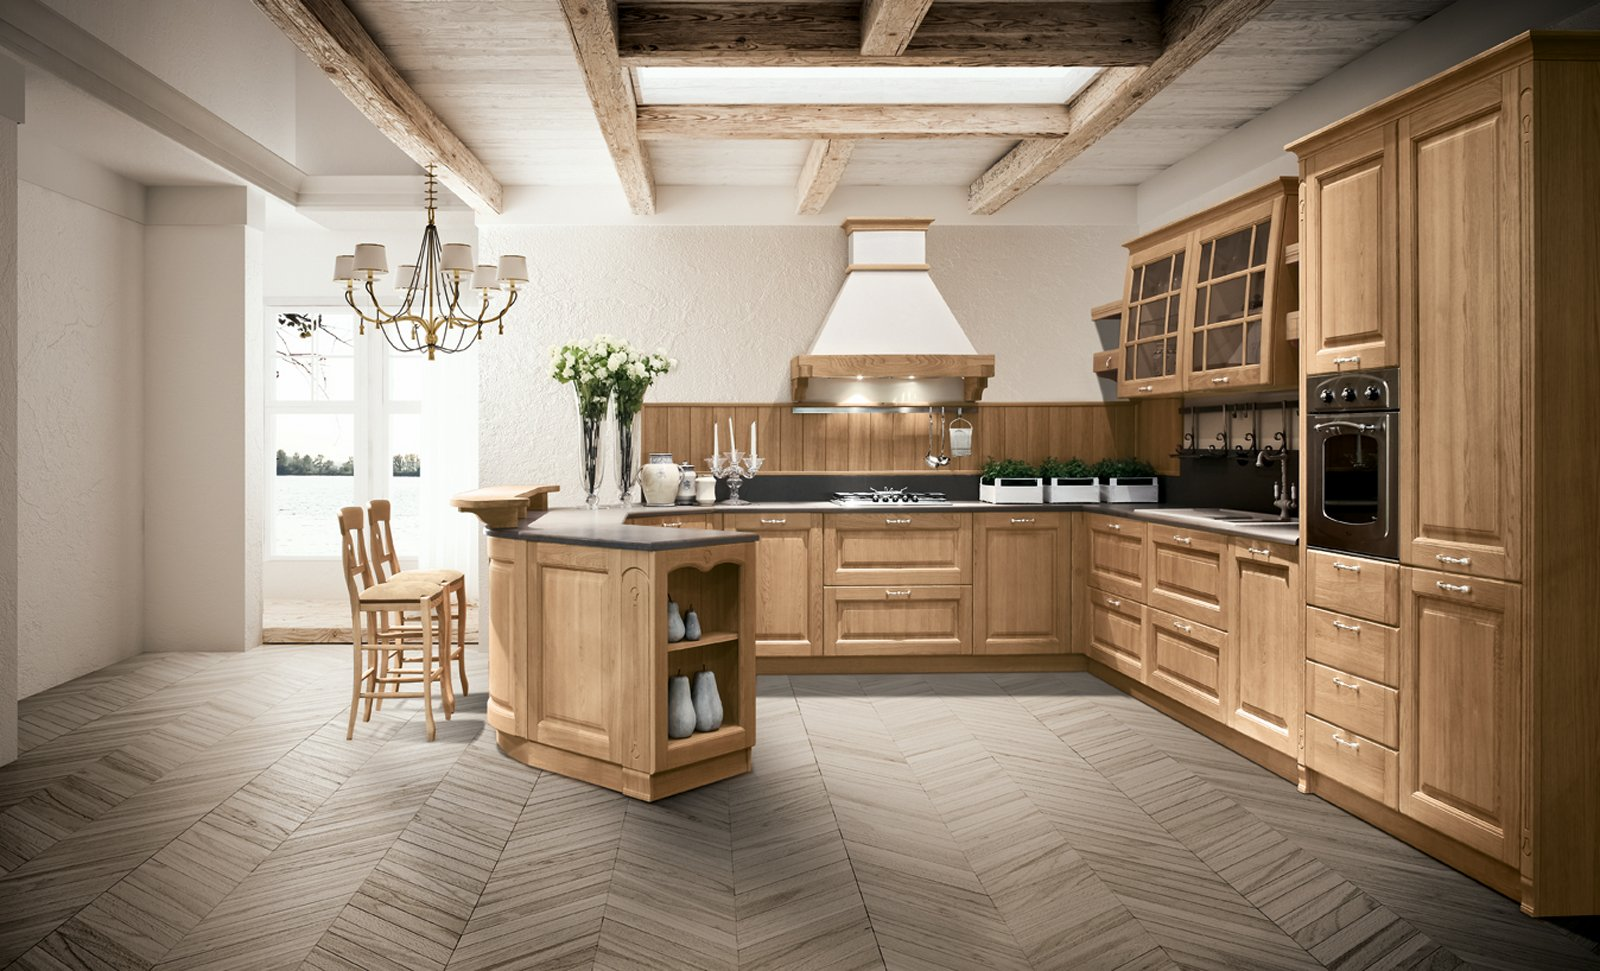 Cucine country chic: soprattutto bianche o tinta legno ...